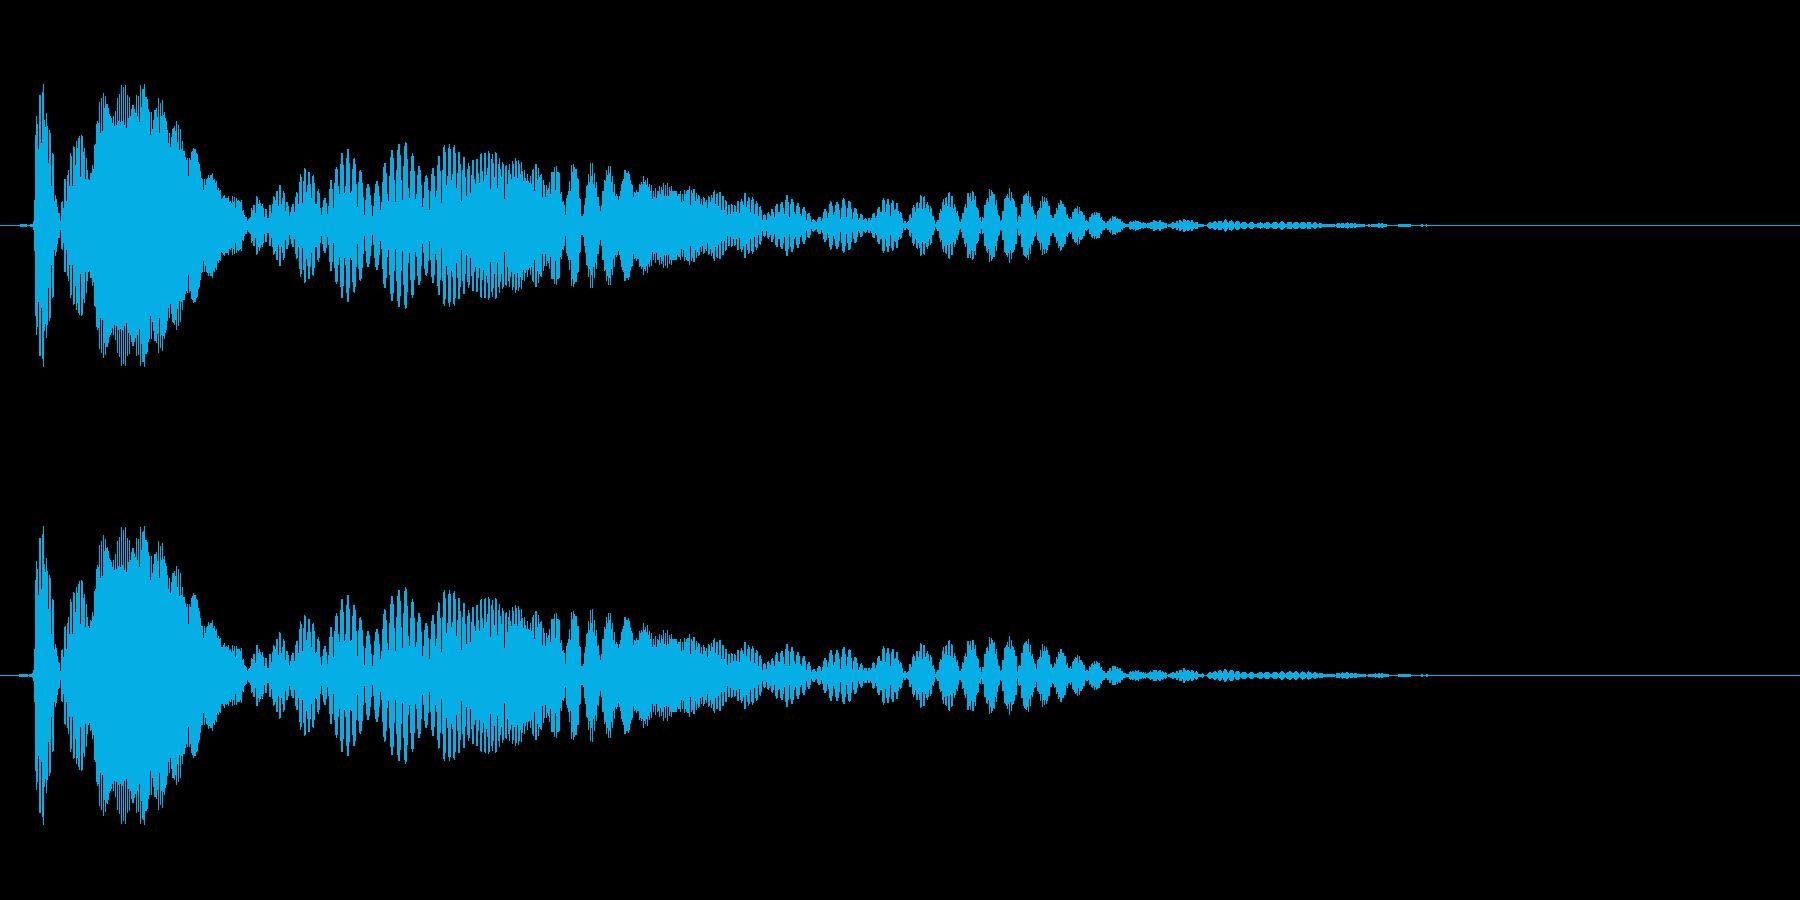 プワワァン(ぷるぷるした物が揺れる音)の再生済みの波形